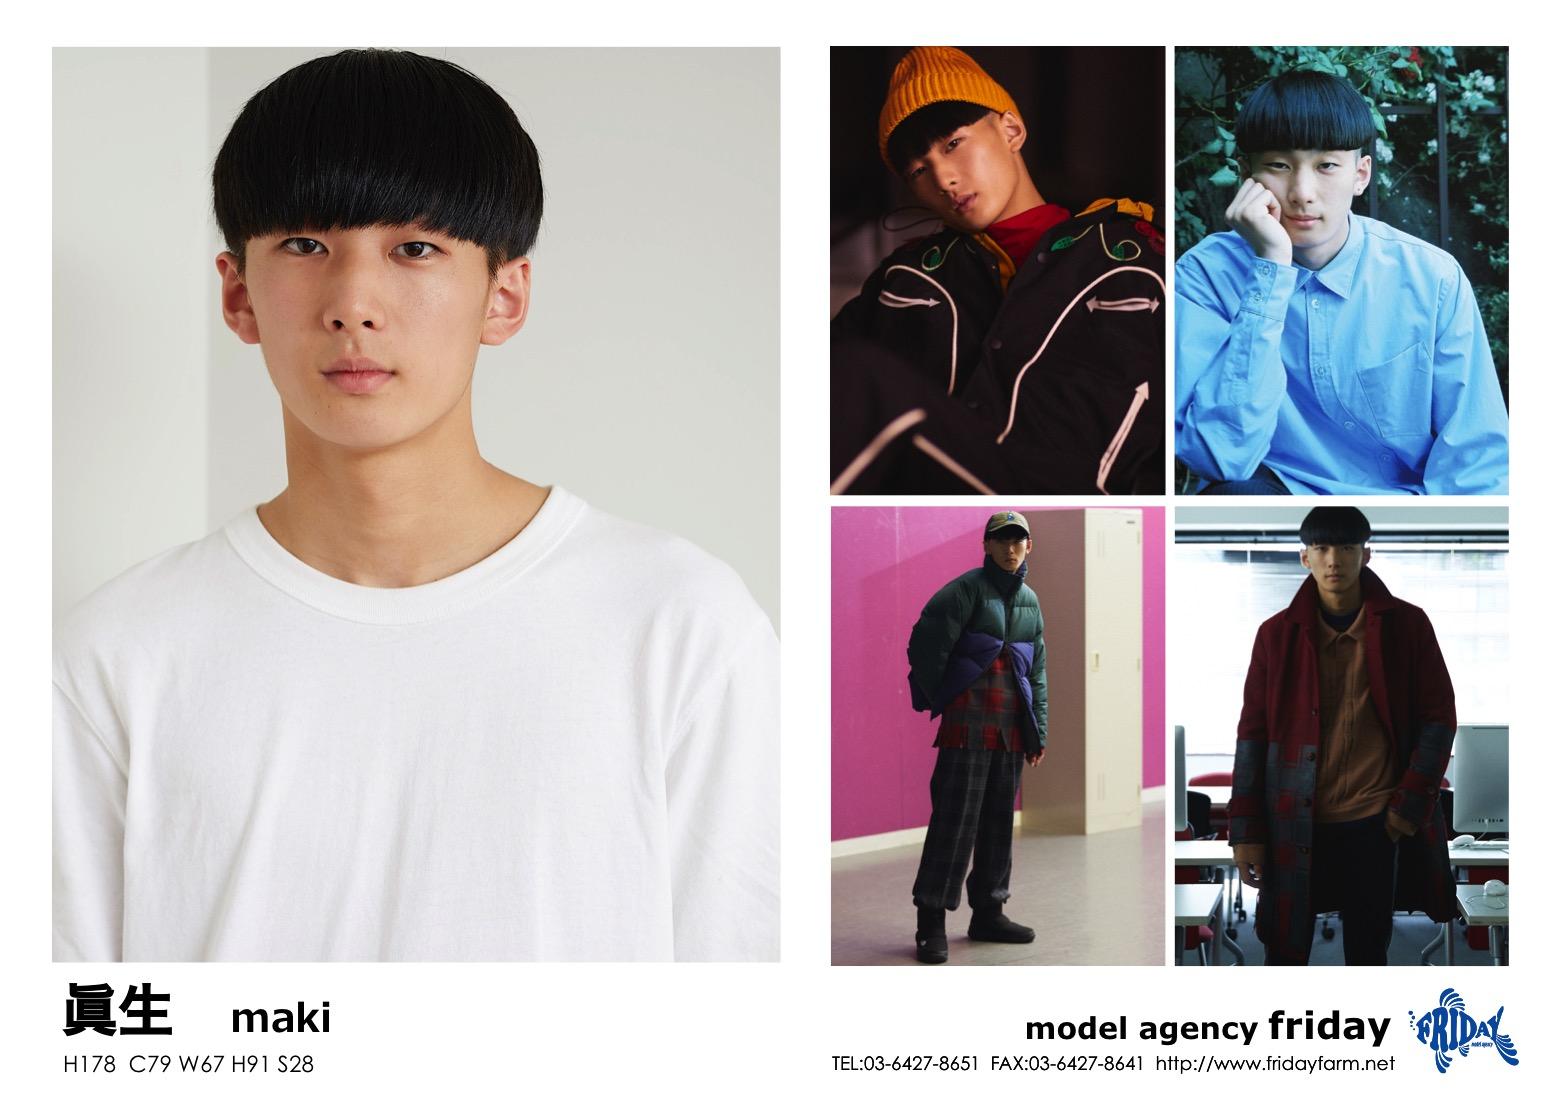 眞生 - maki | model agency friday